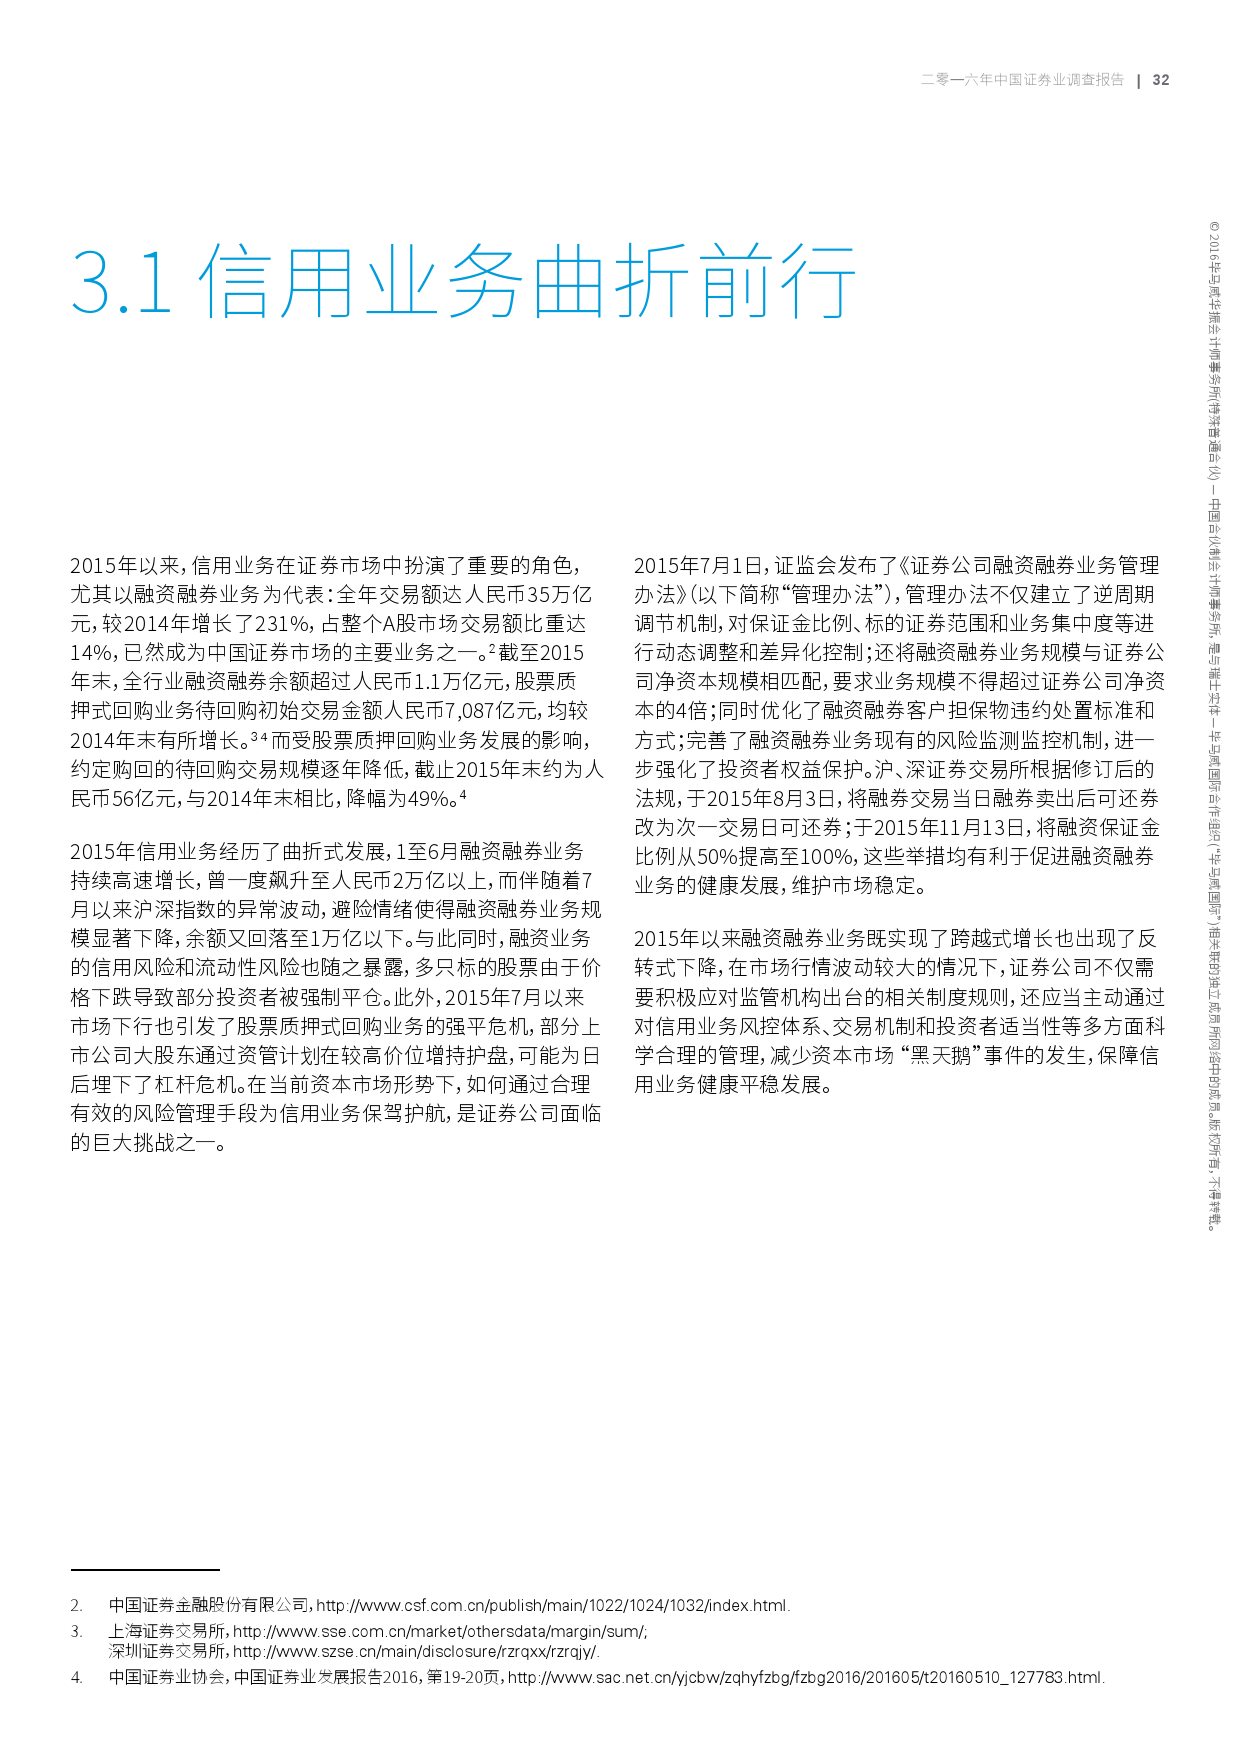 2016年中国证券业调查报告_000035